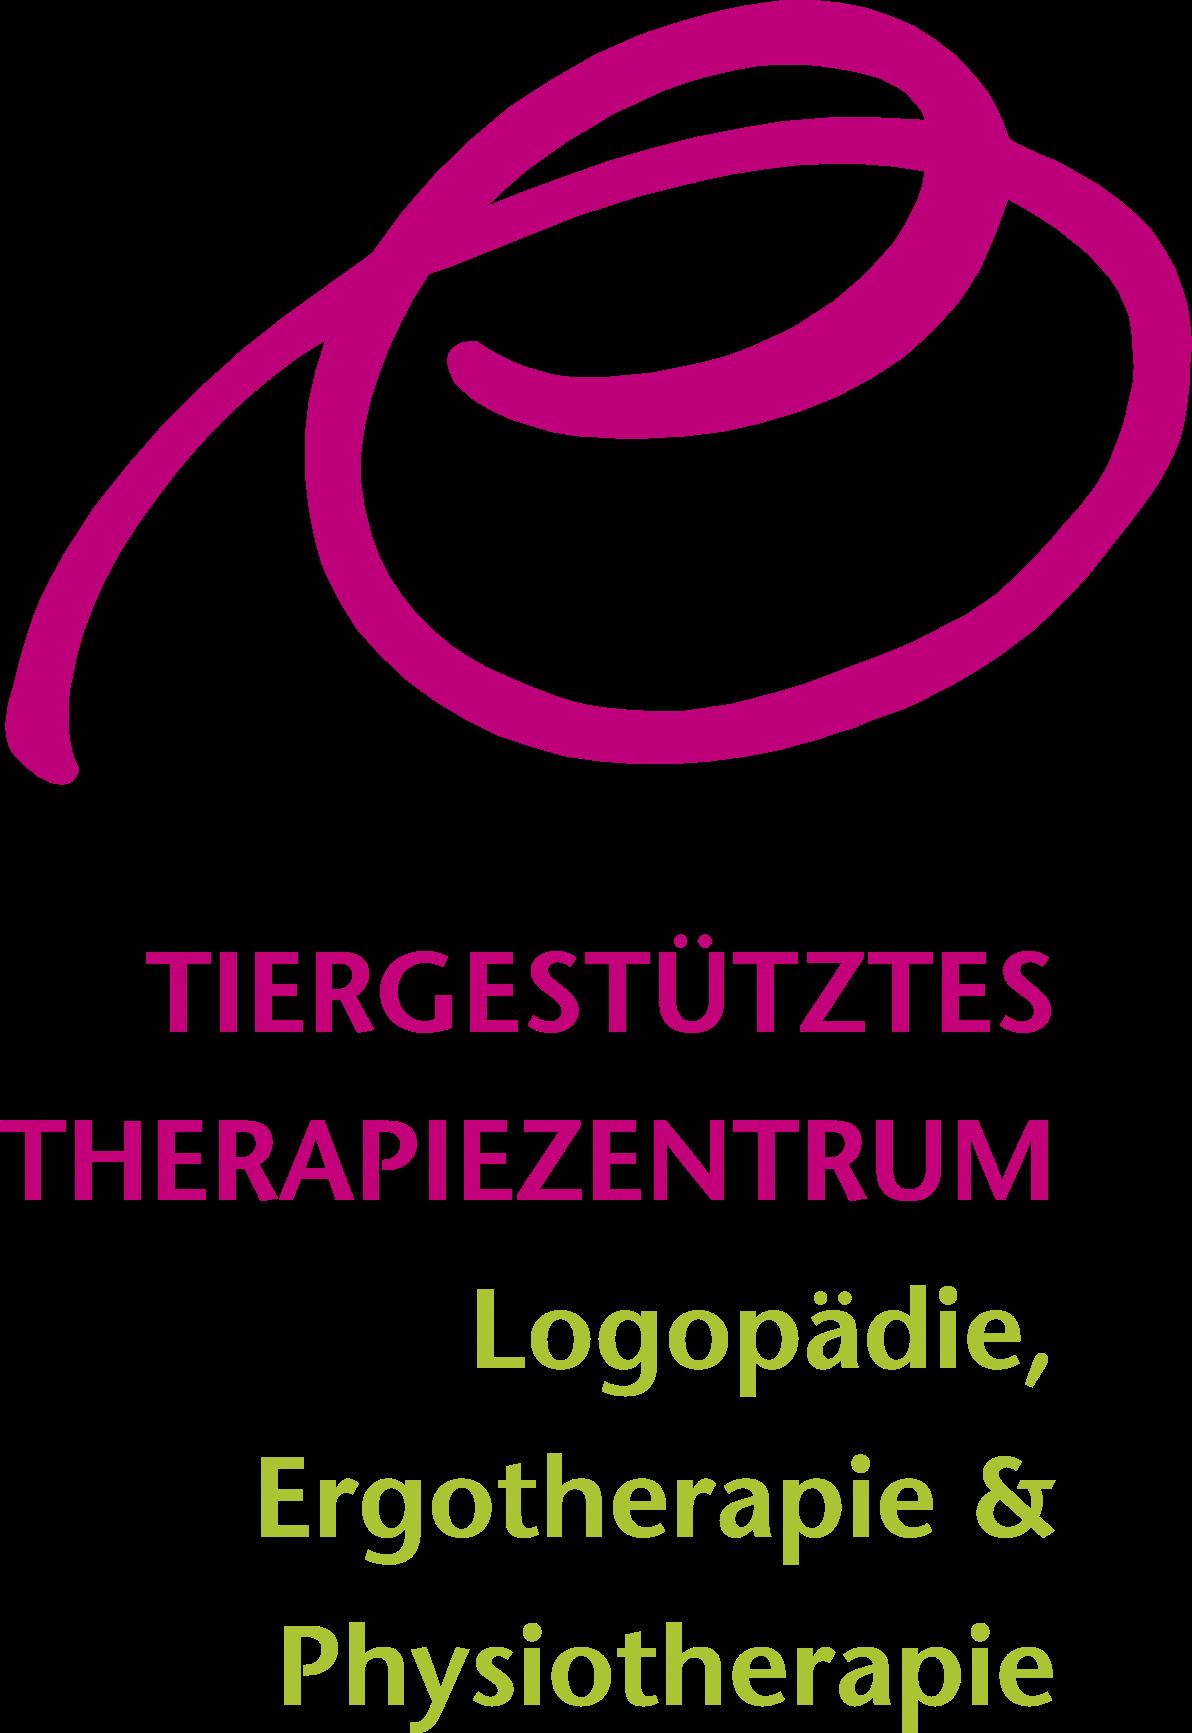 Tiergestütztes Therapiezentrum Carolin Möller